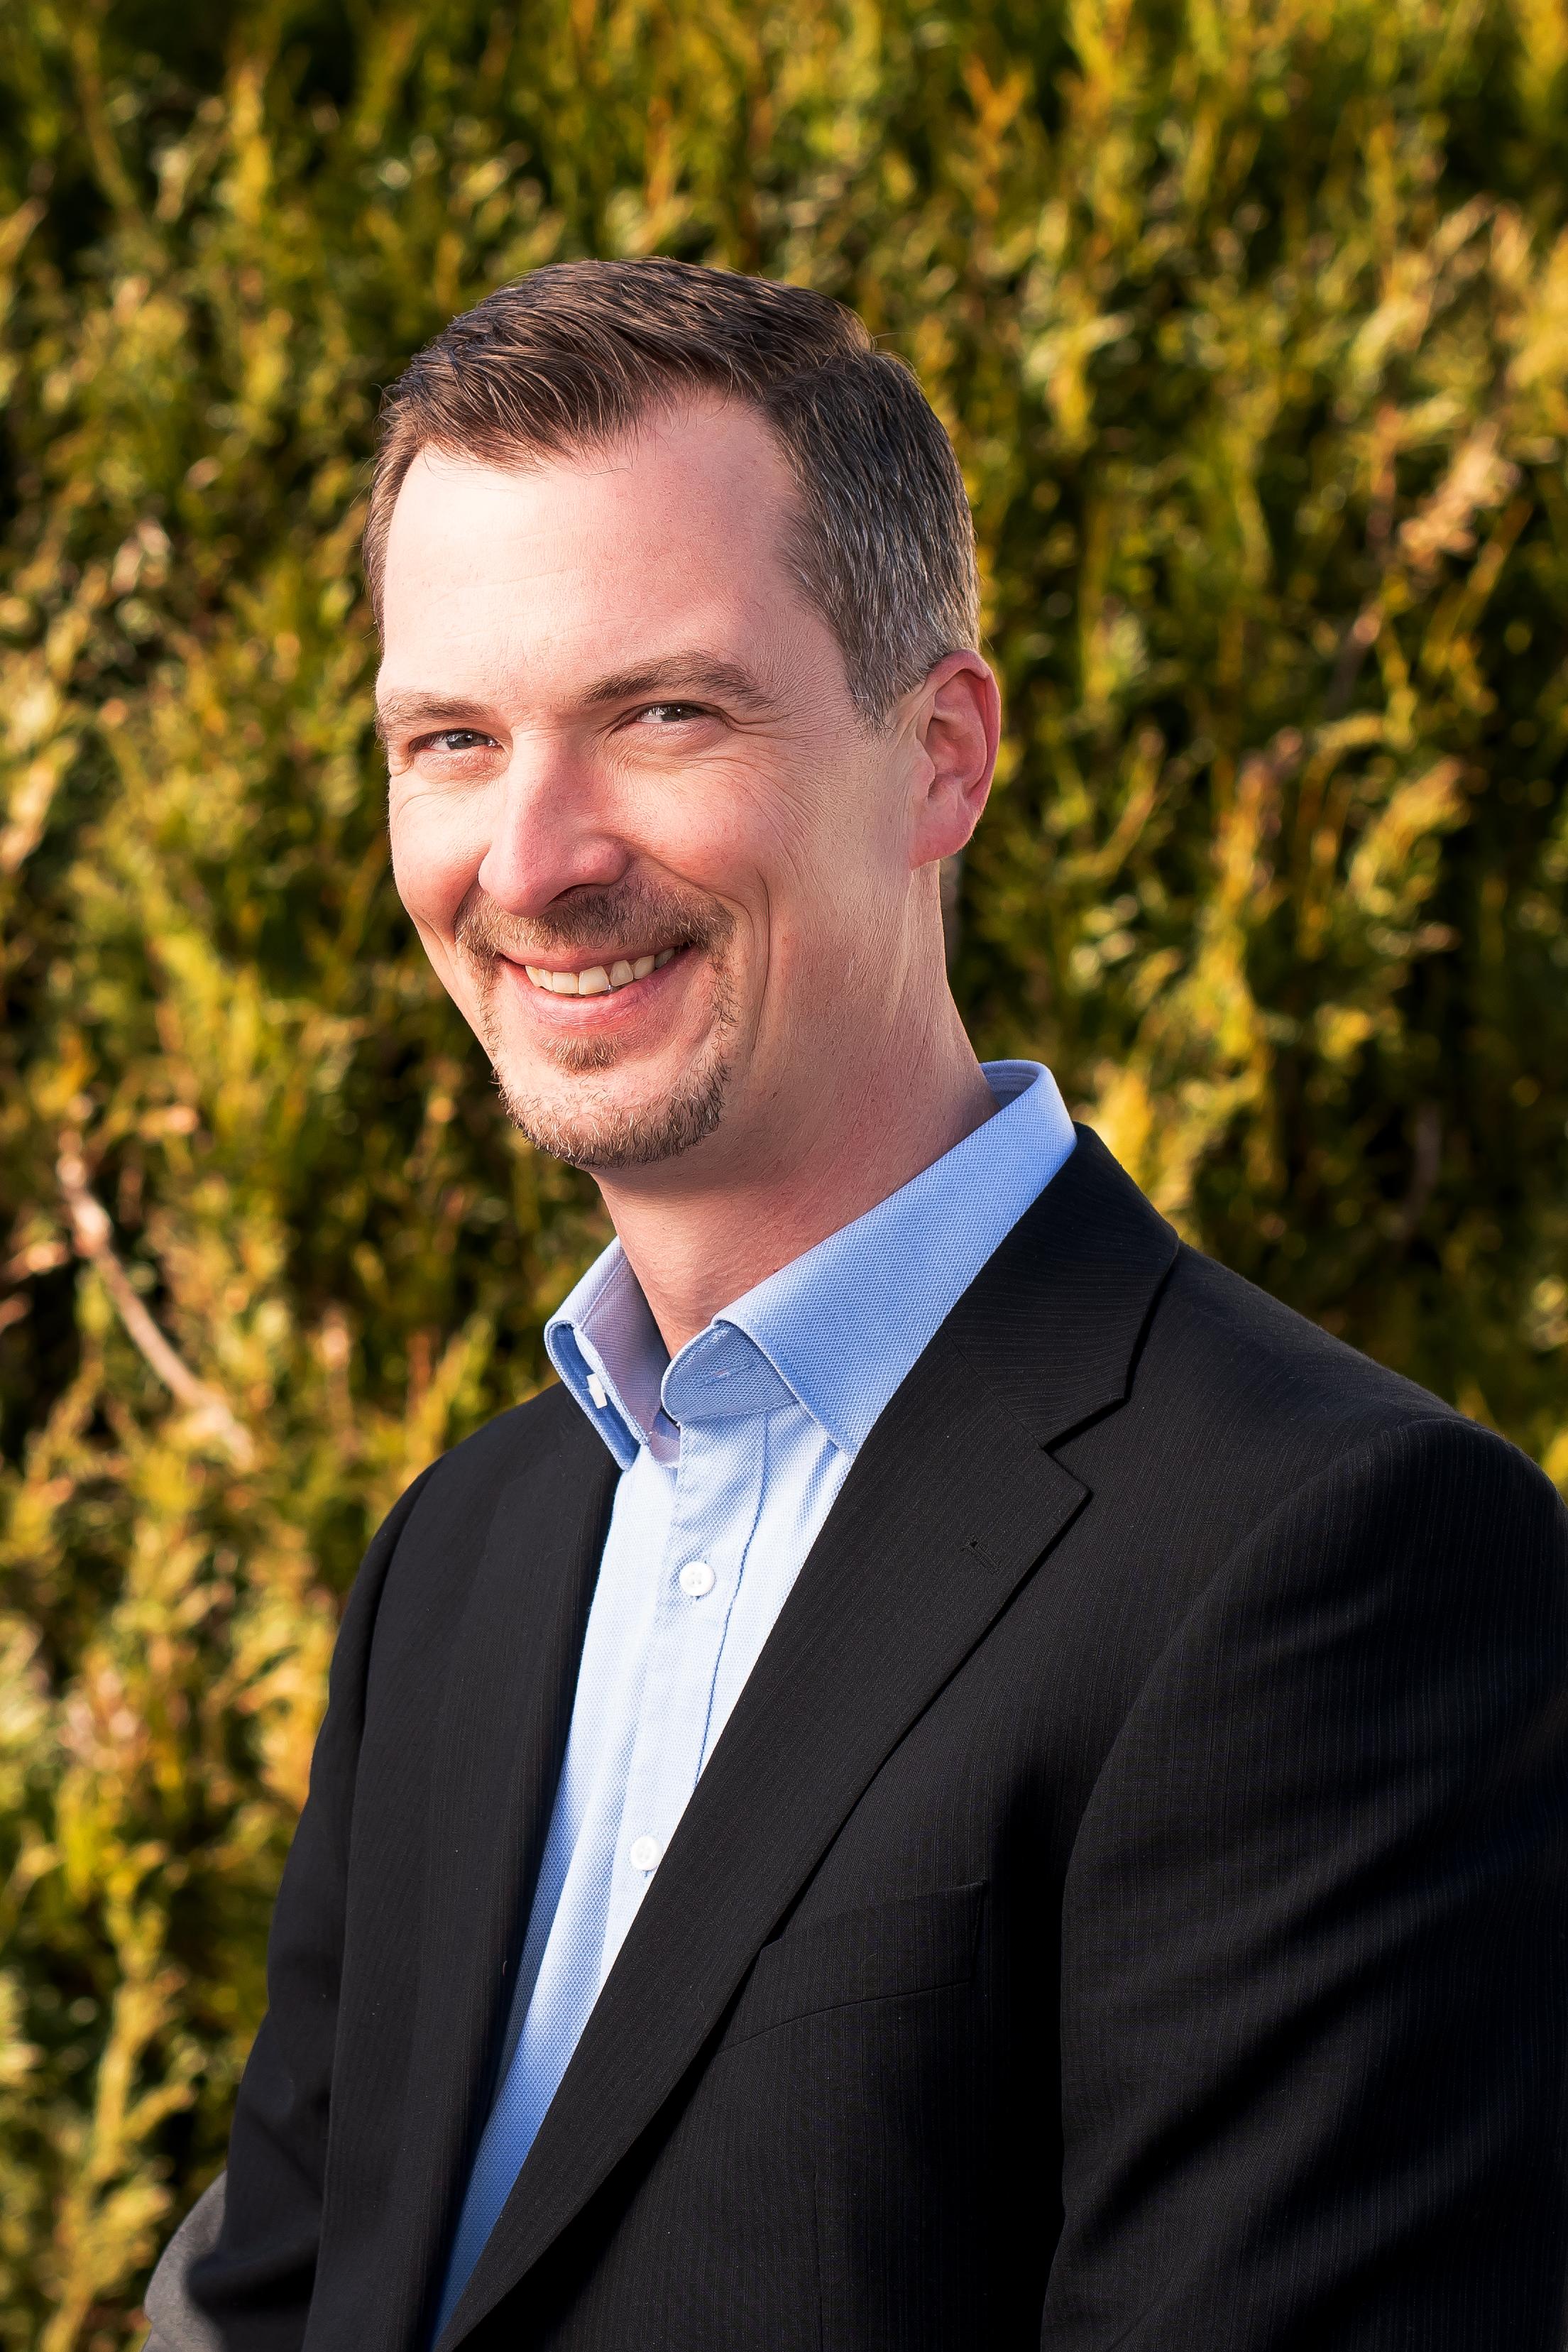 Timo Abresch